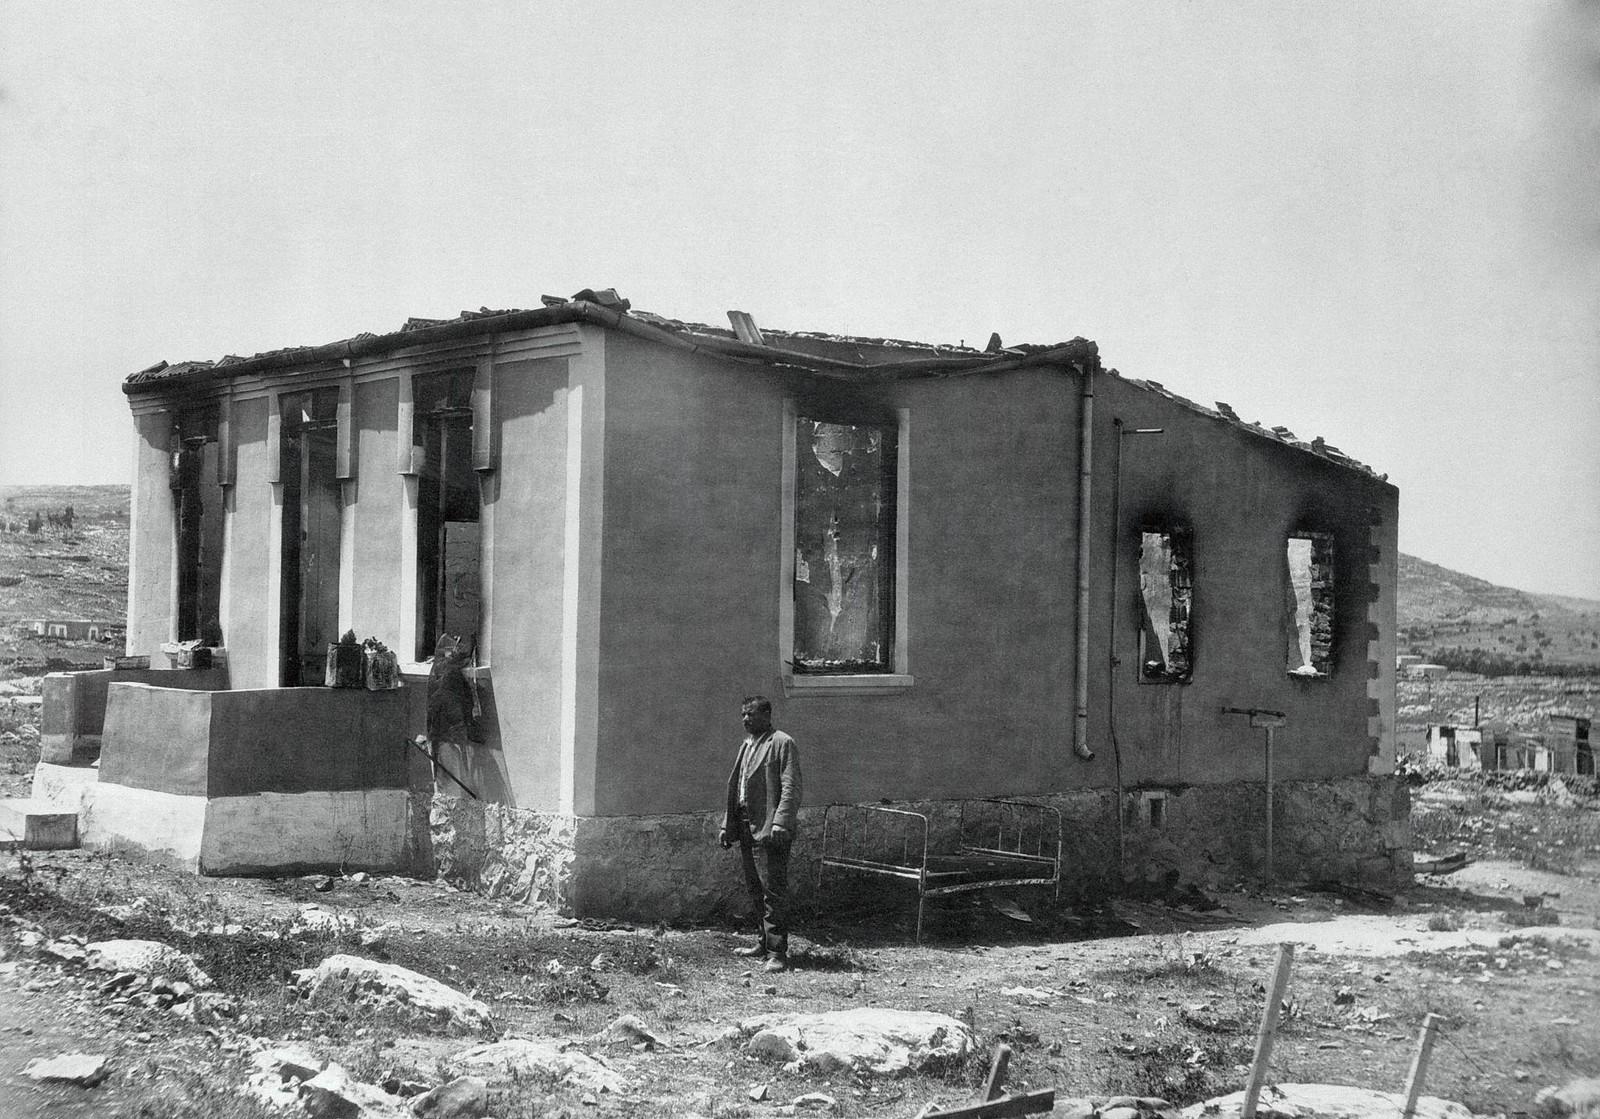 11. 23–31 августа. Иерусалим, Мекор хаим. Владелец полуразрушенного арабскими бандами дома  стоит и смотрит на обломки